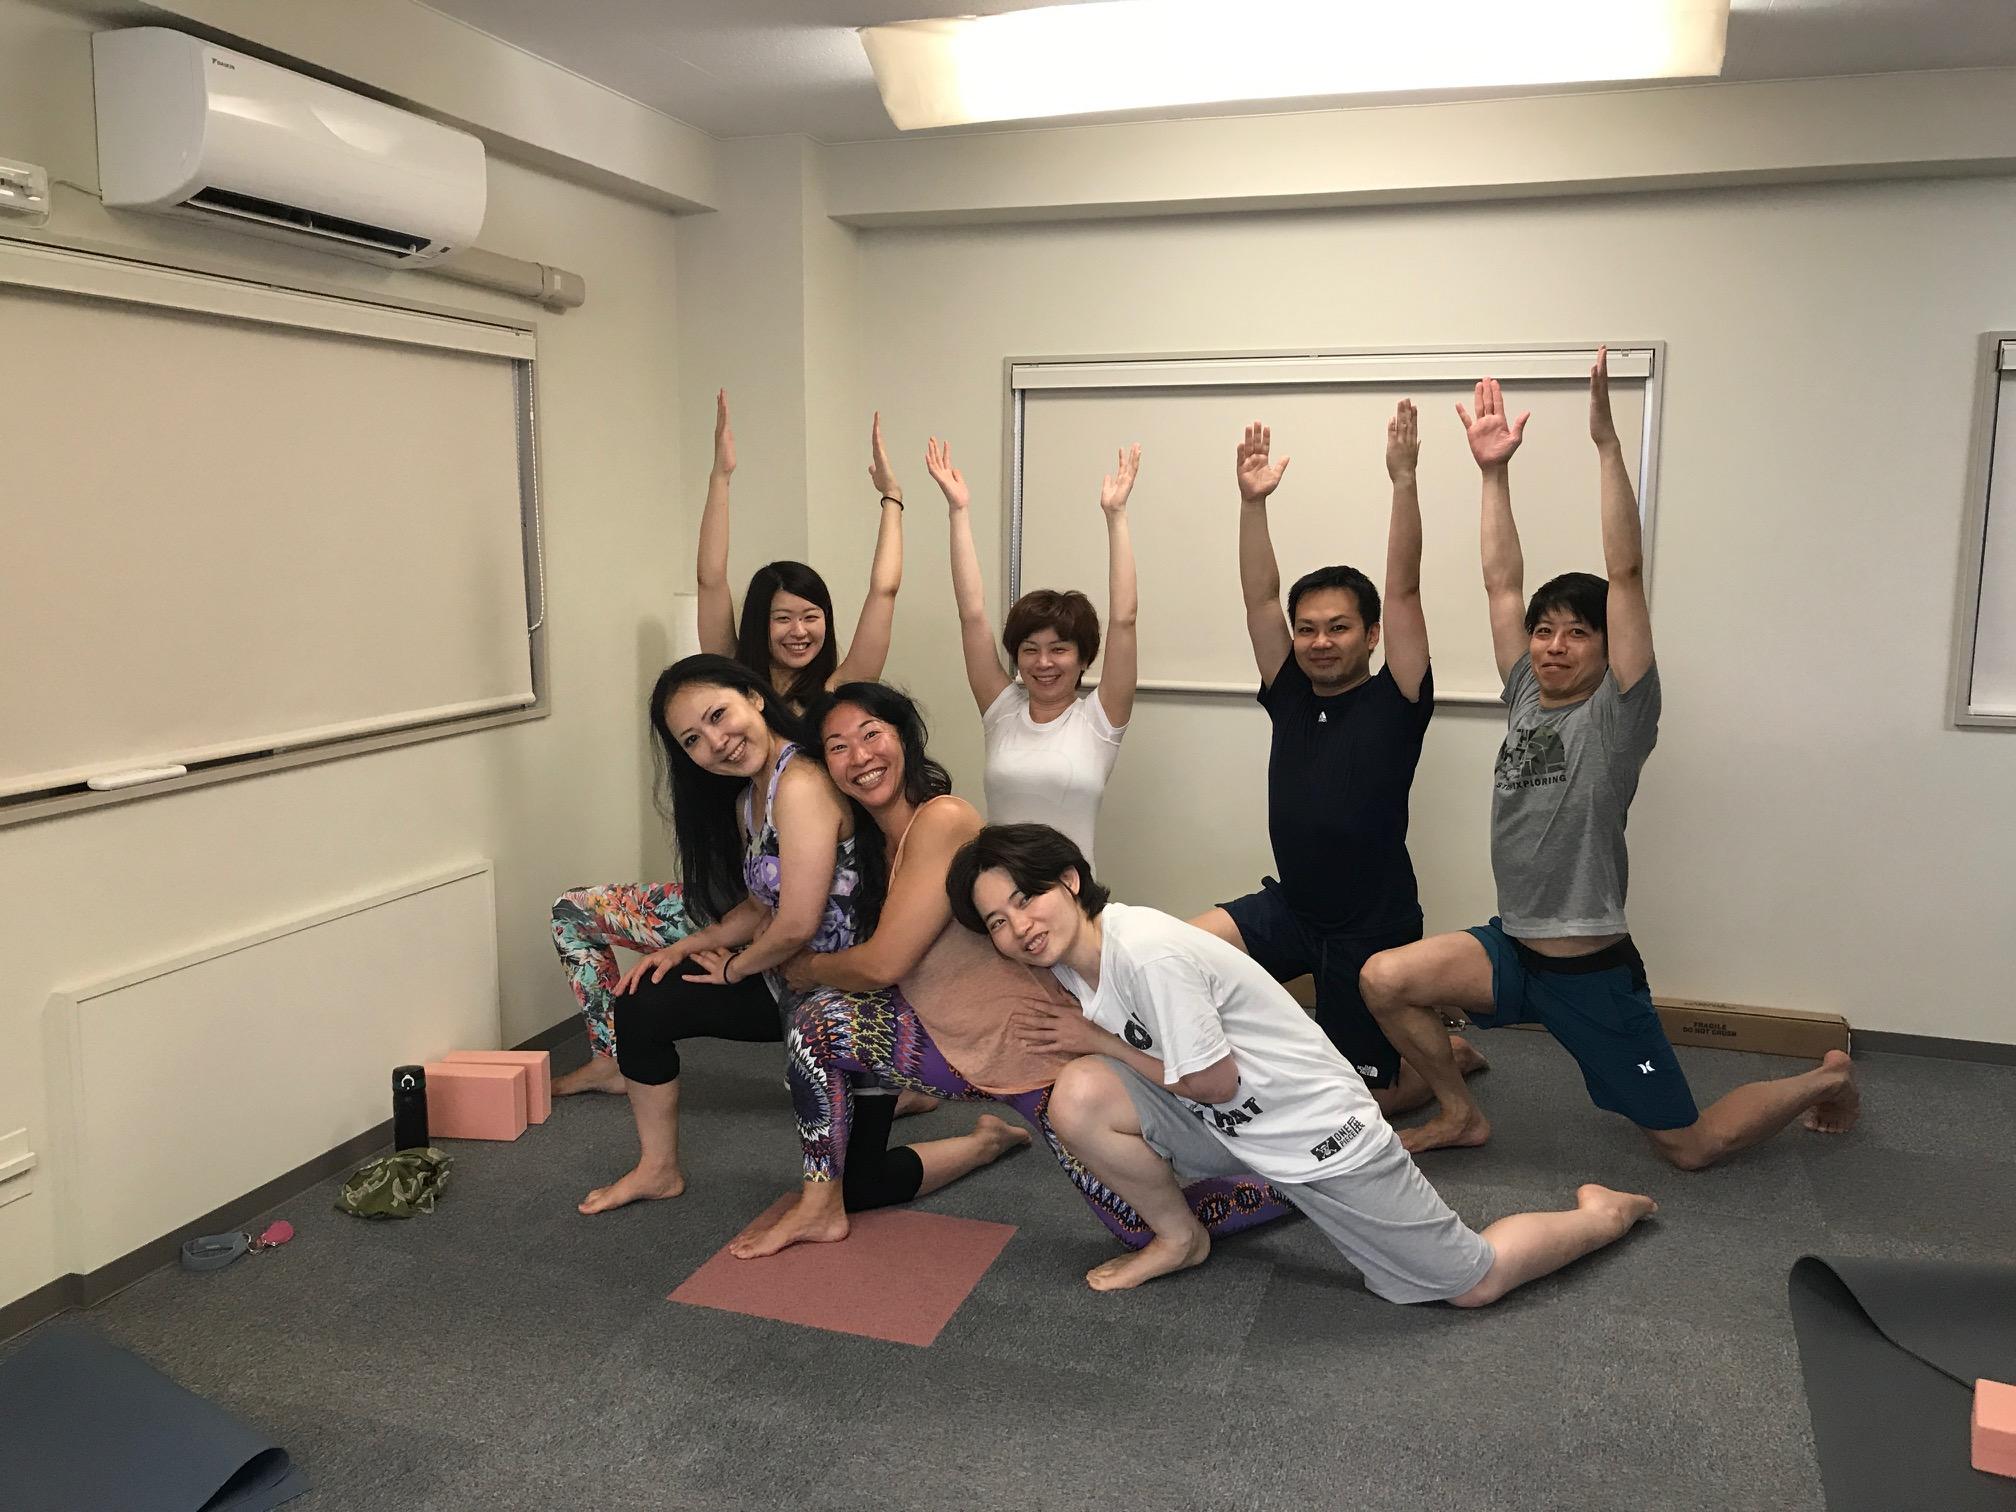 Studio Tao - 第6回ロケットヨガ鍛練会(特別レッスン) AYAKOの写真2